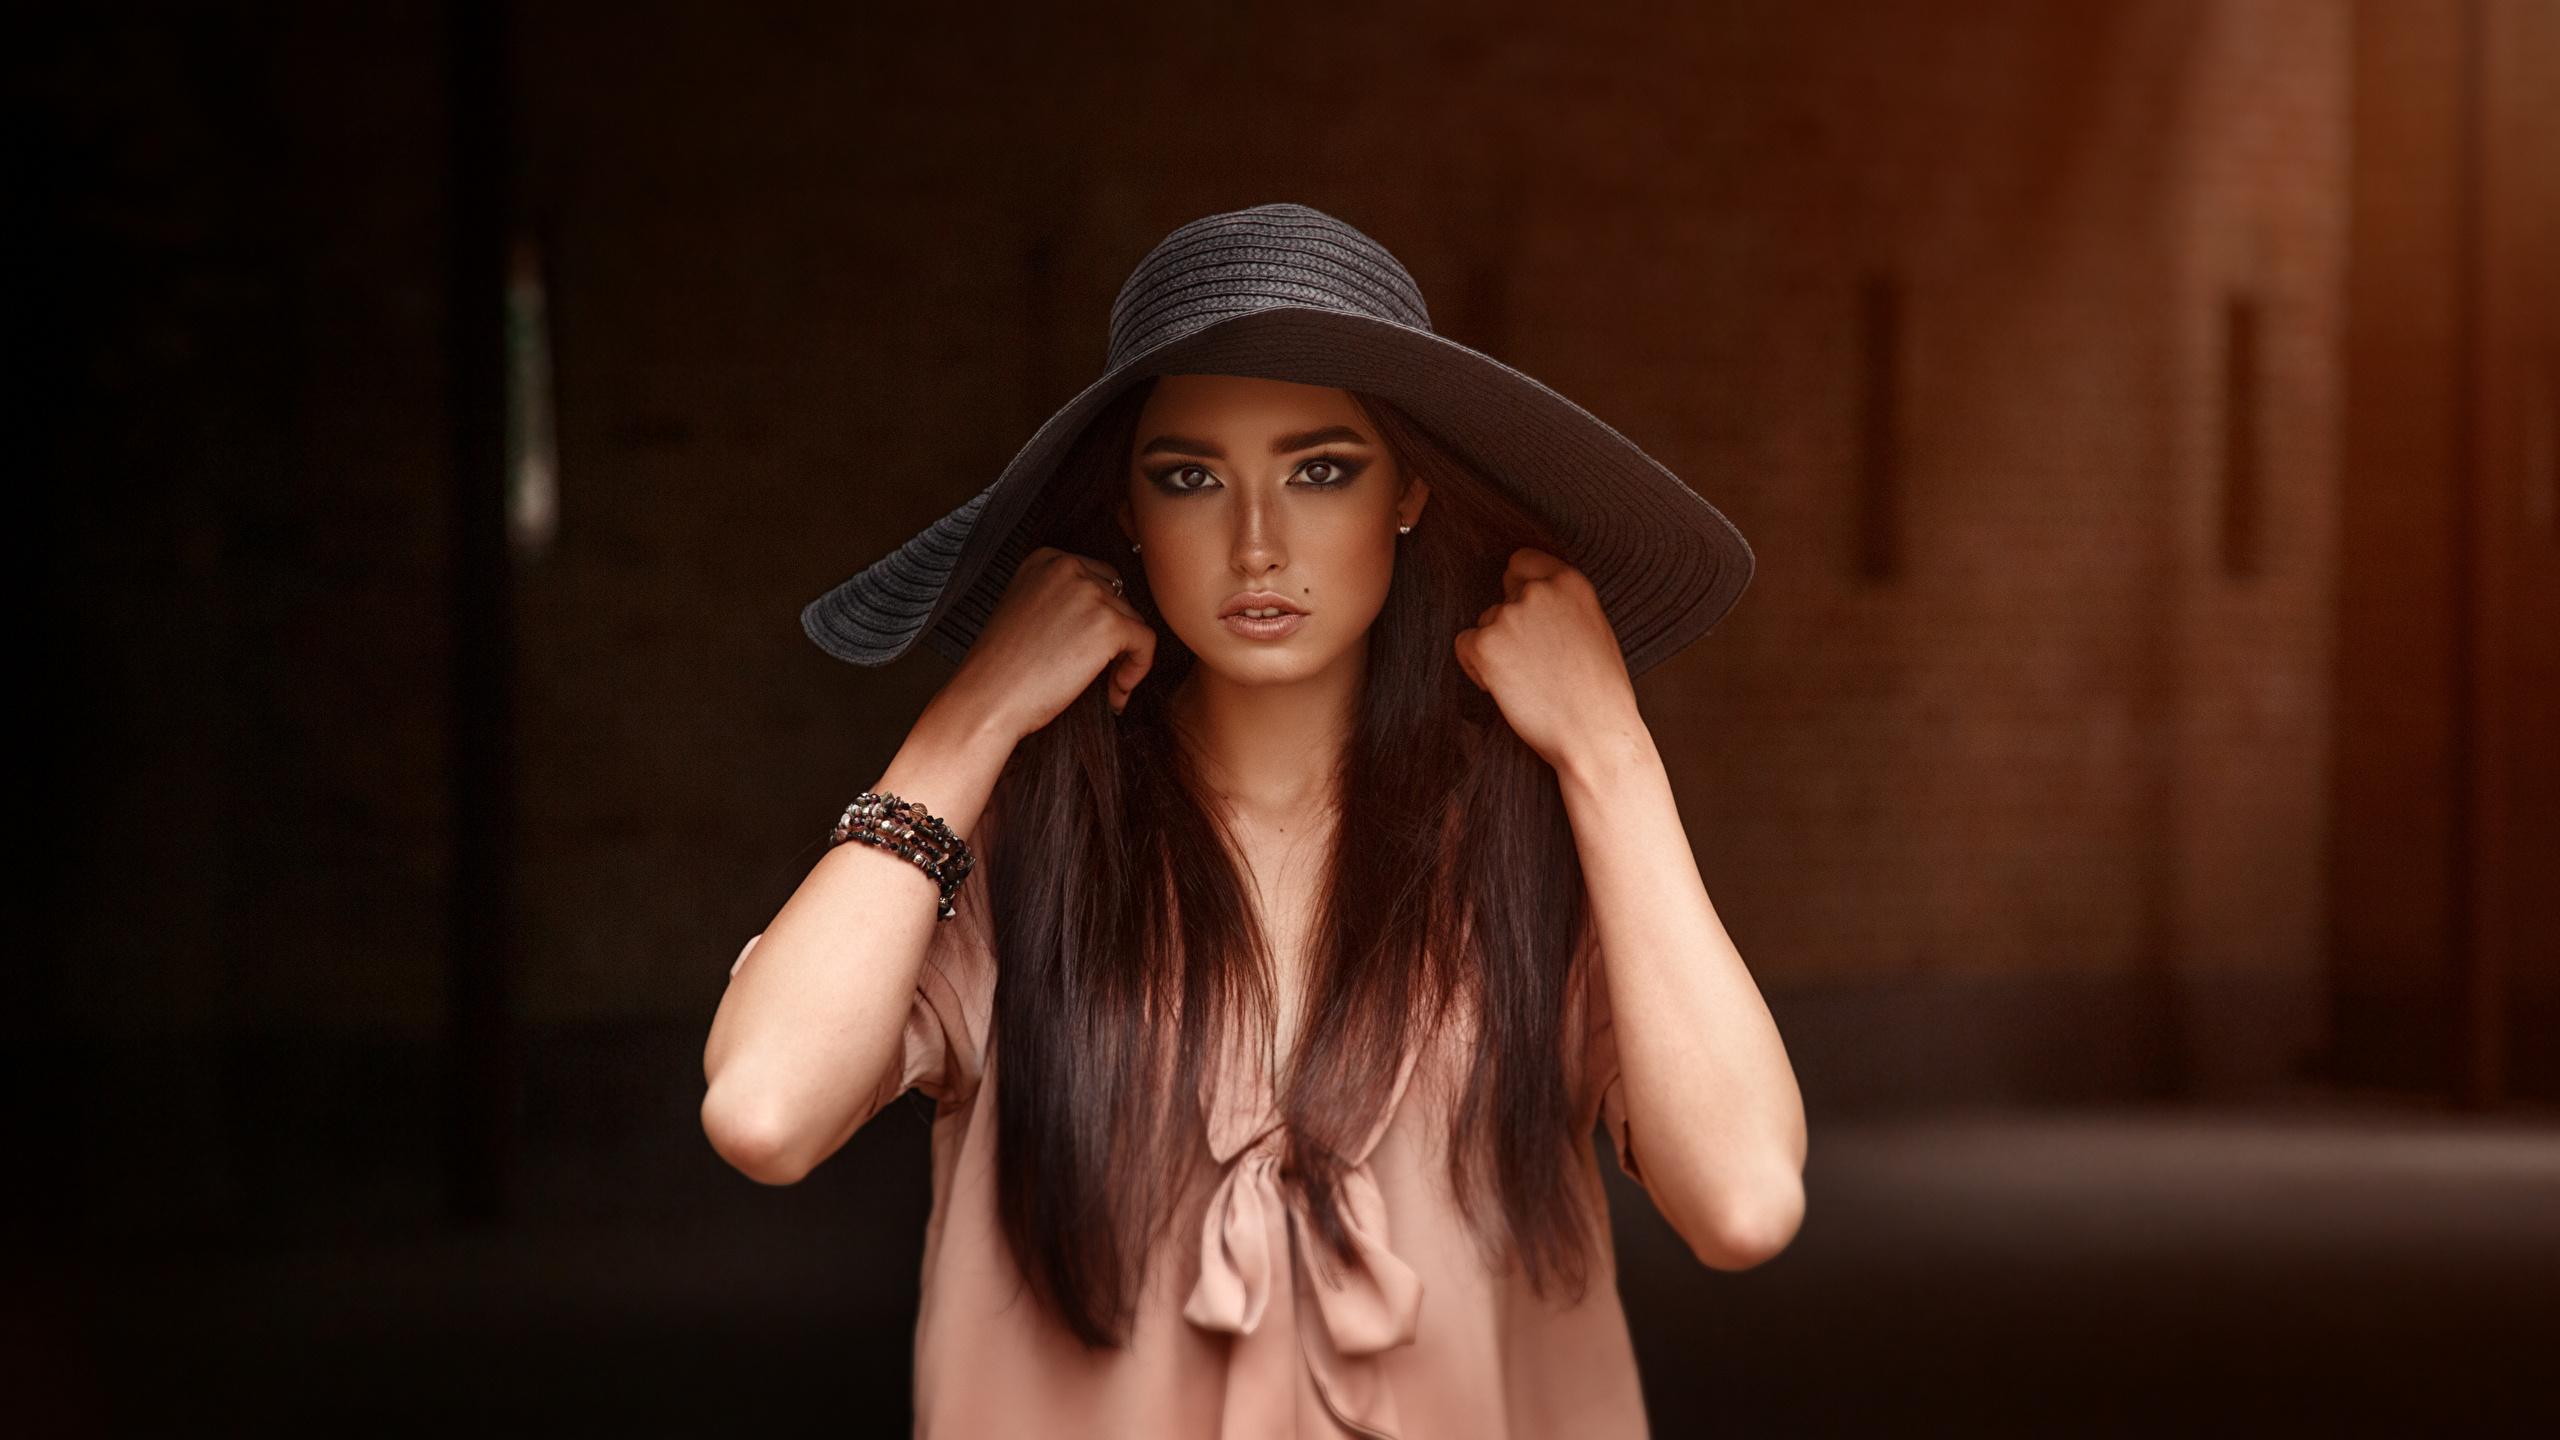 Картинка Viacheslav Krivonos фотомодель шляпы Девушки рука Взгляд 2560x1440 Модель Шляпа шляпе девушка молодая женщина молодые женщины Руки смотрит смотрят